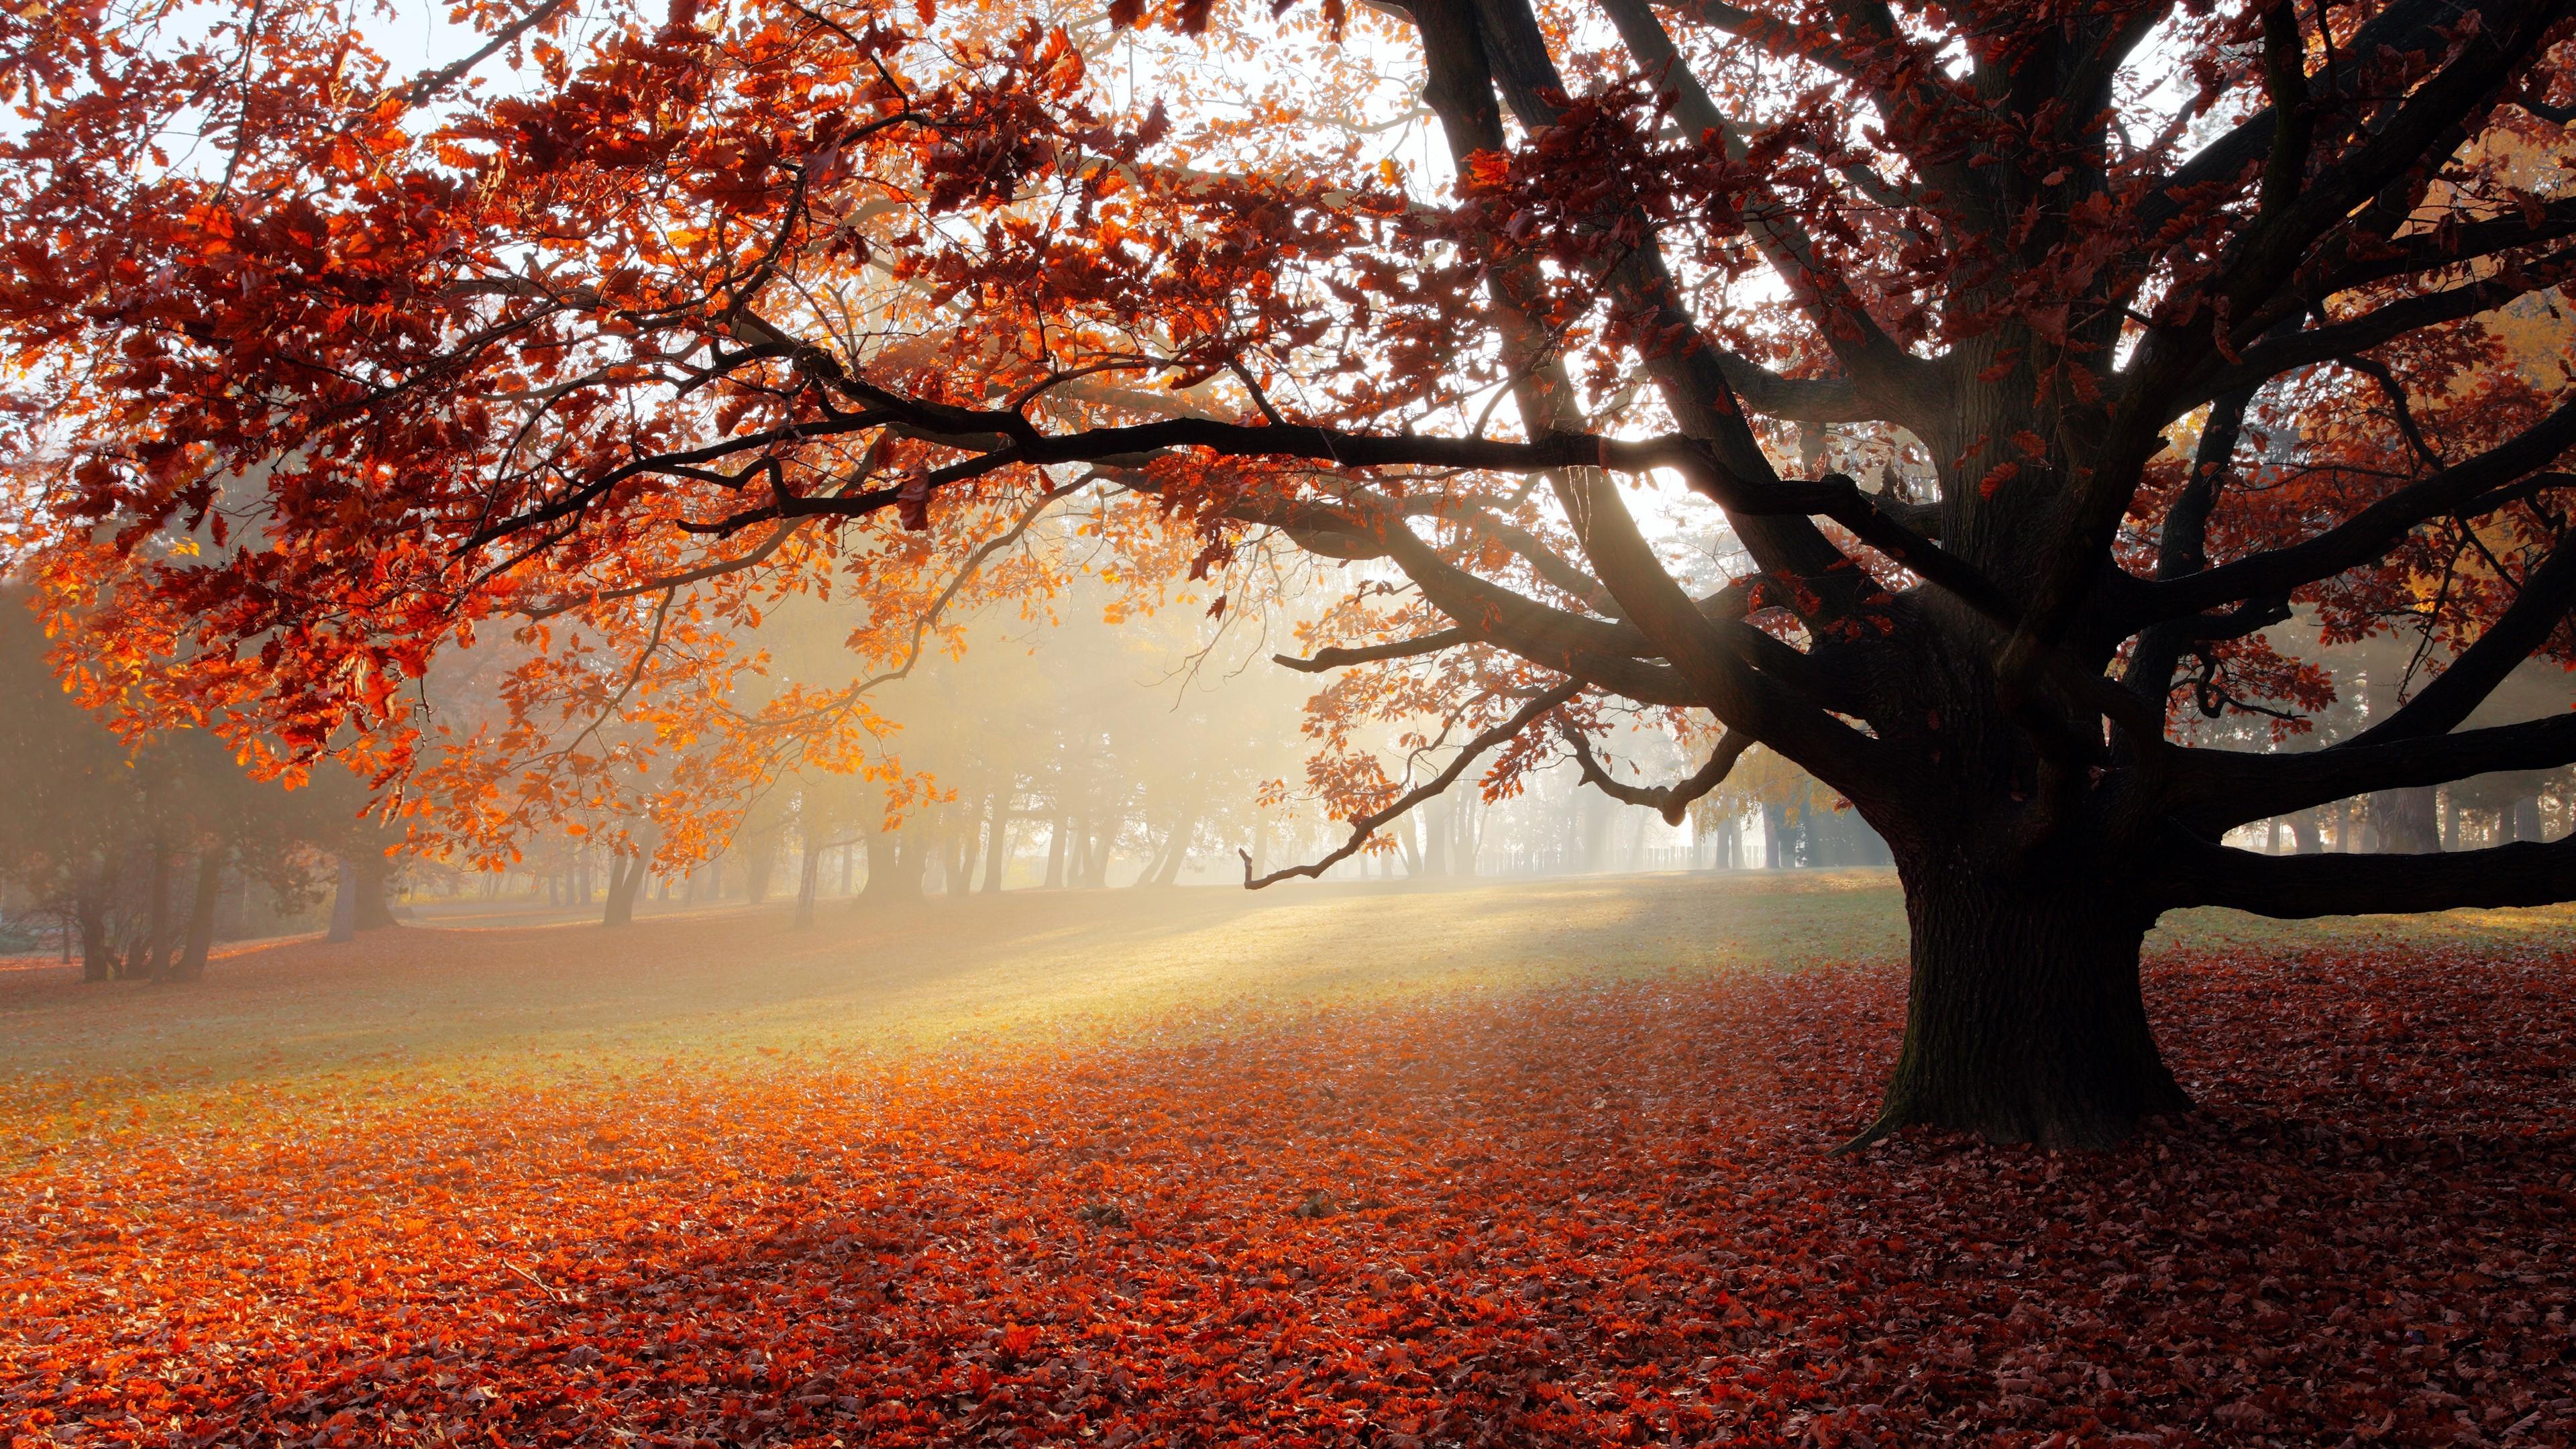 исследования деревья с опавшей листвой картинки которых адресат приглашается